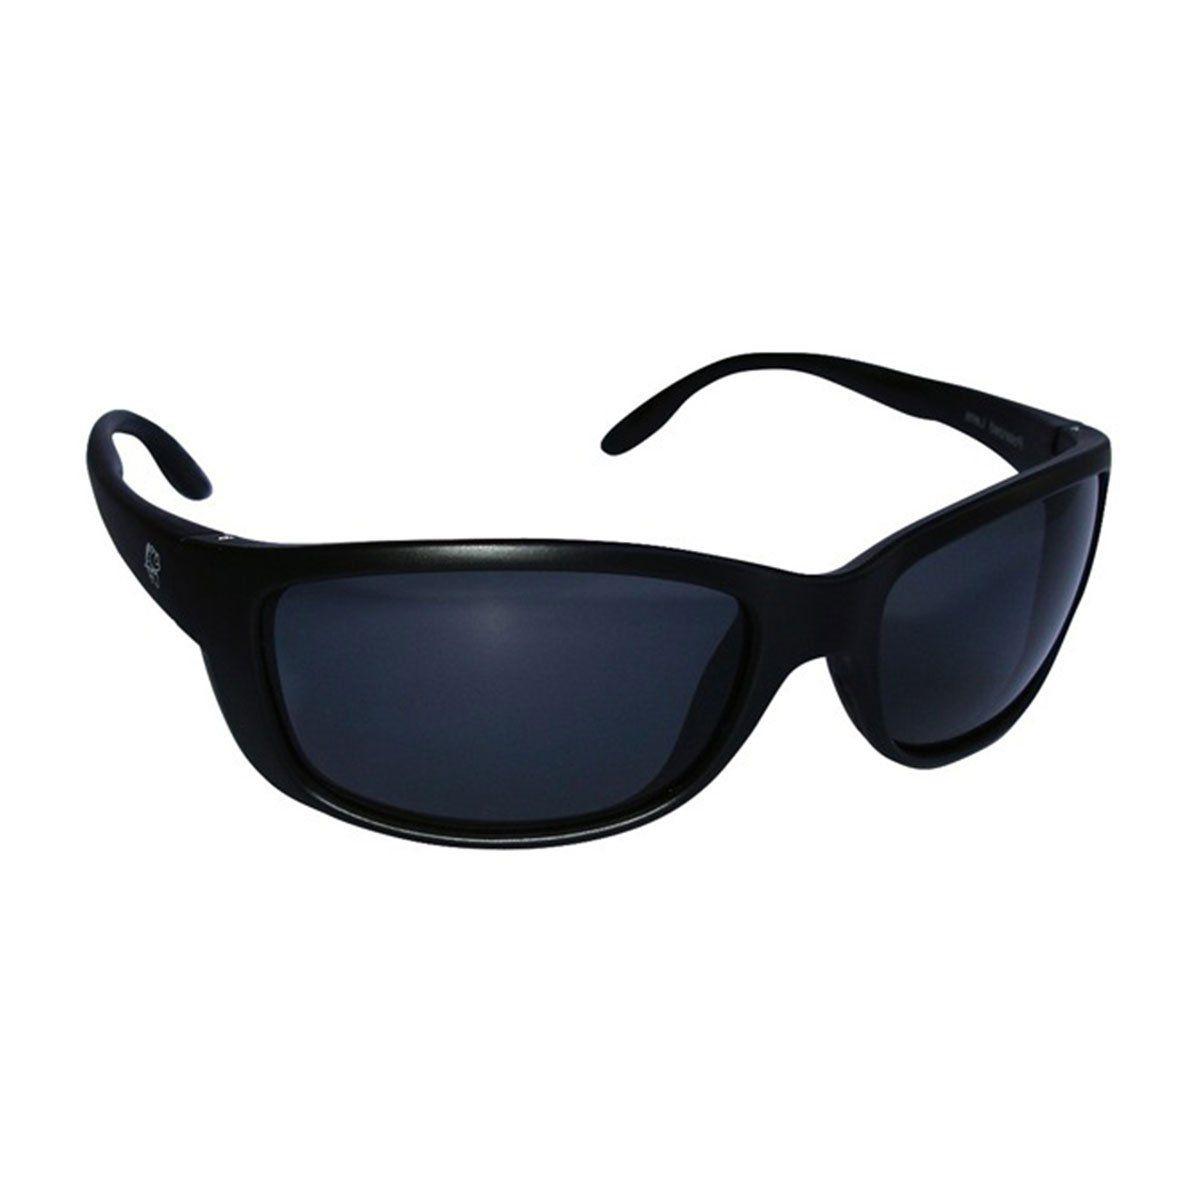 Óculos Polarizado Pro Tsuri Mako Armação Preto Fosco - Lente Fume